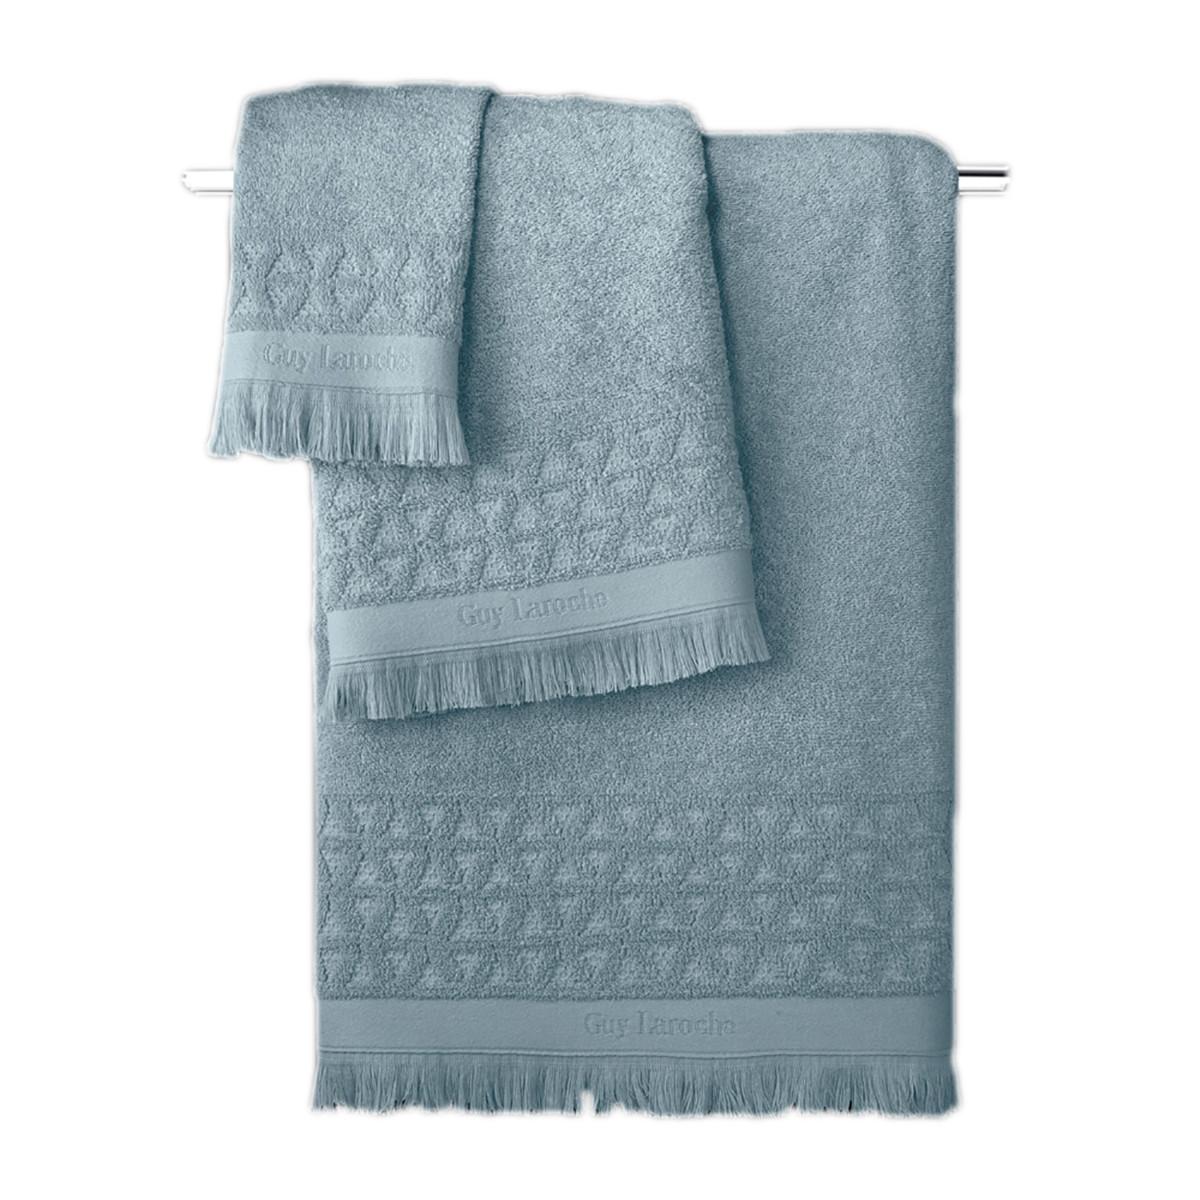 Πετσέτες Μπάνιου (Σετ 3τμχ) Guy Laroche Vergo Denim